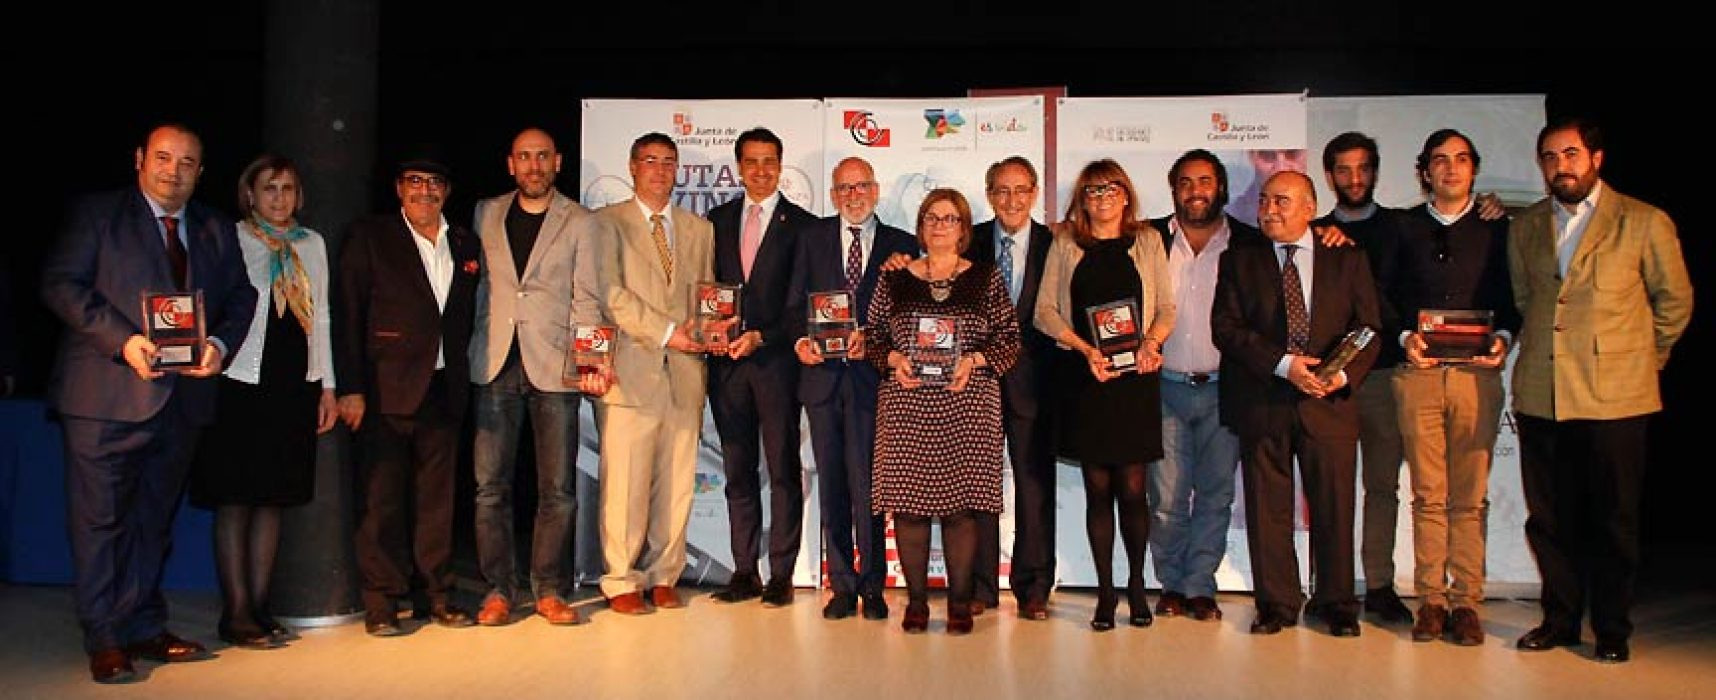 Cuéllar se vistió de gala con motivo de los premios de la Academia regional de Gastronomía y Alimentación